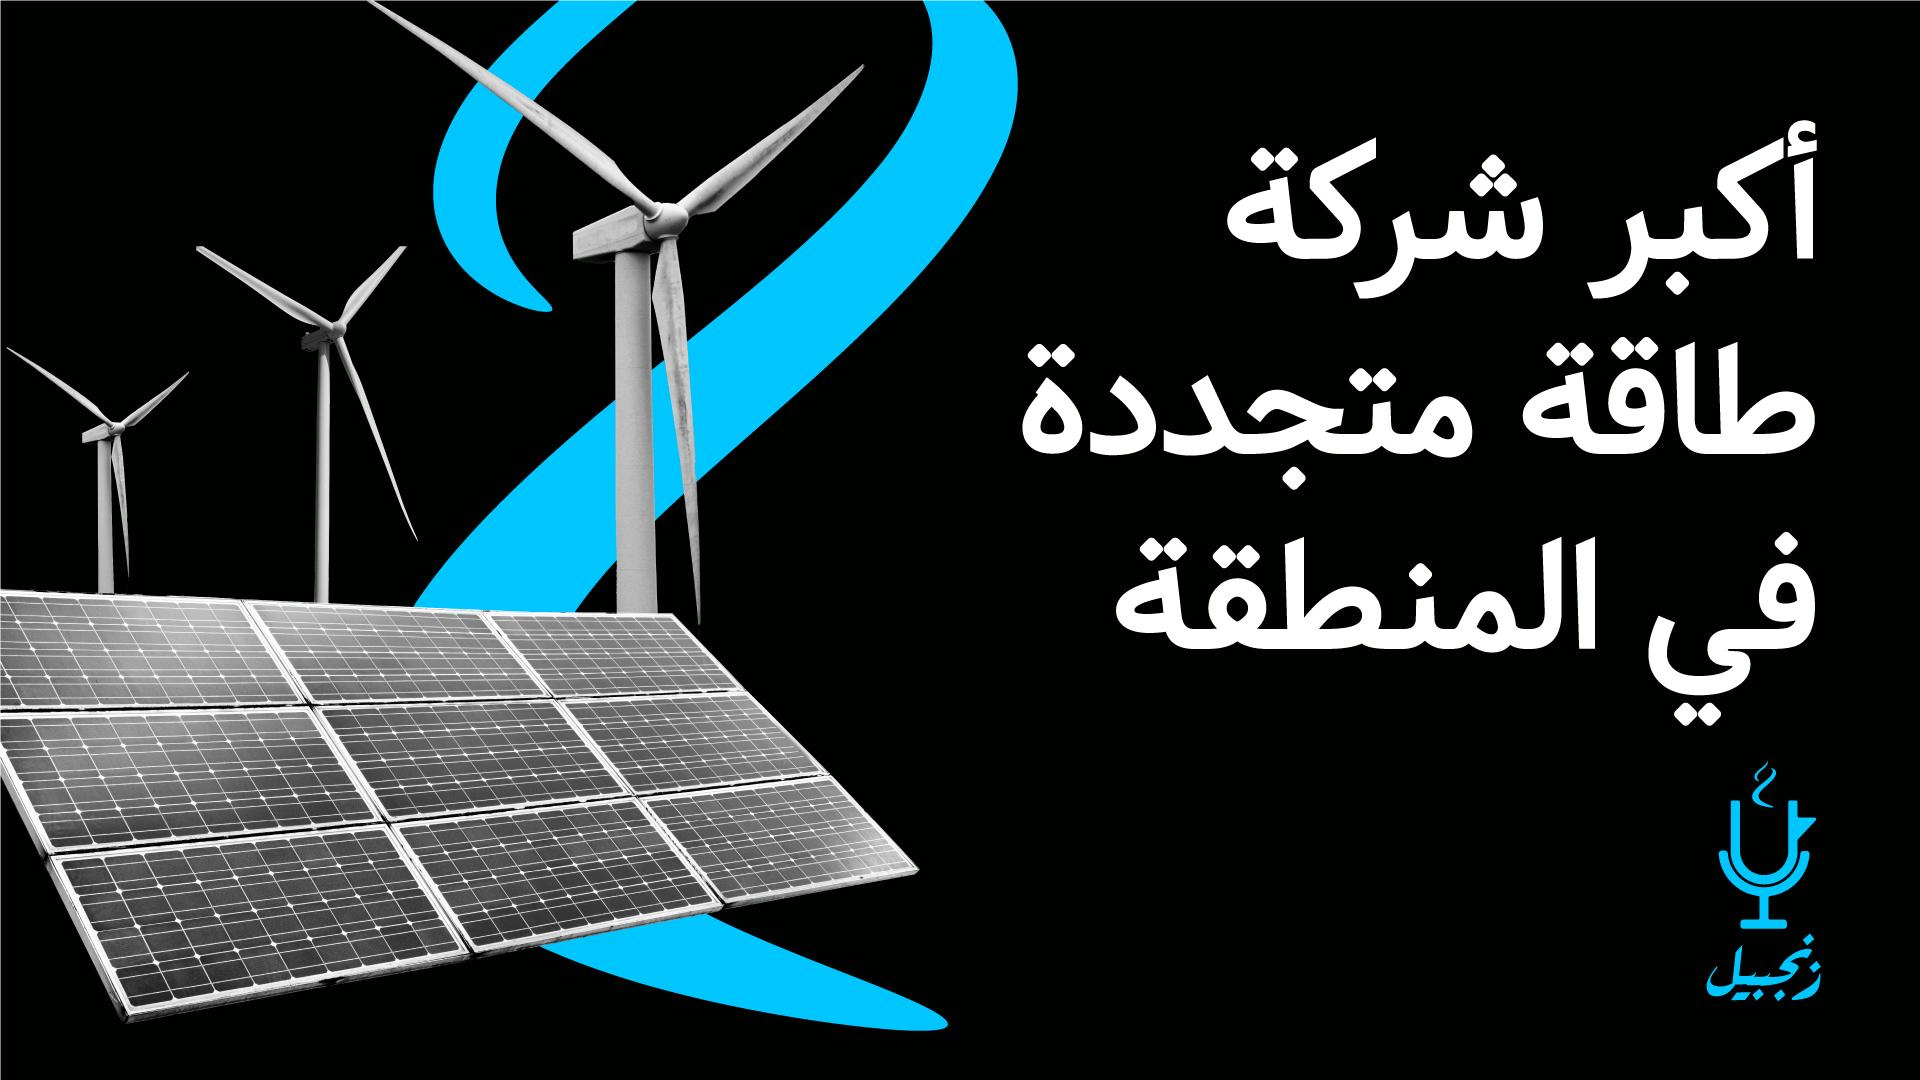 أكبر شركة طاقة متجددة في المنطقة | 25/11/2020